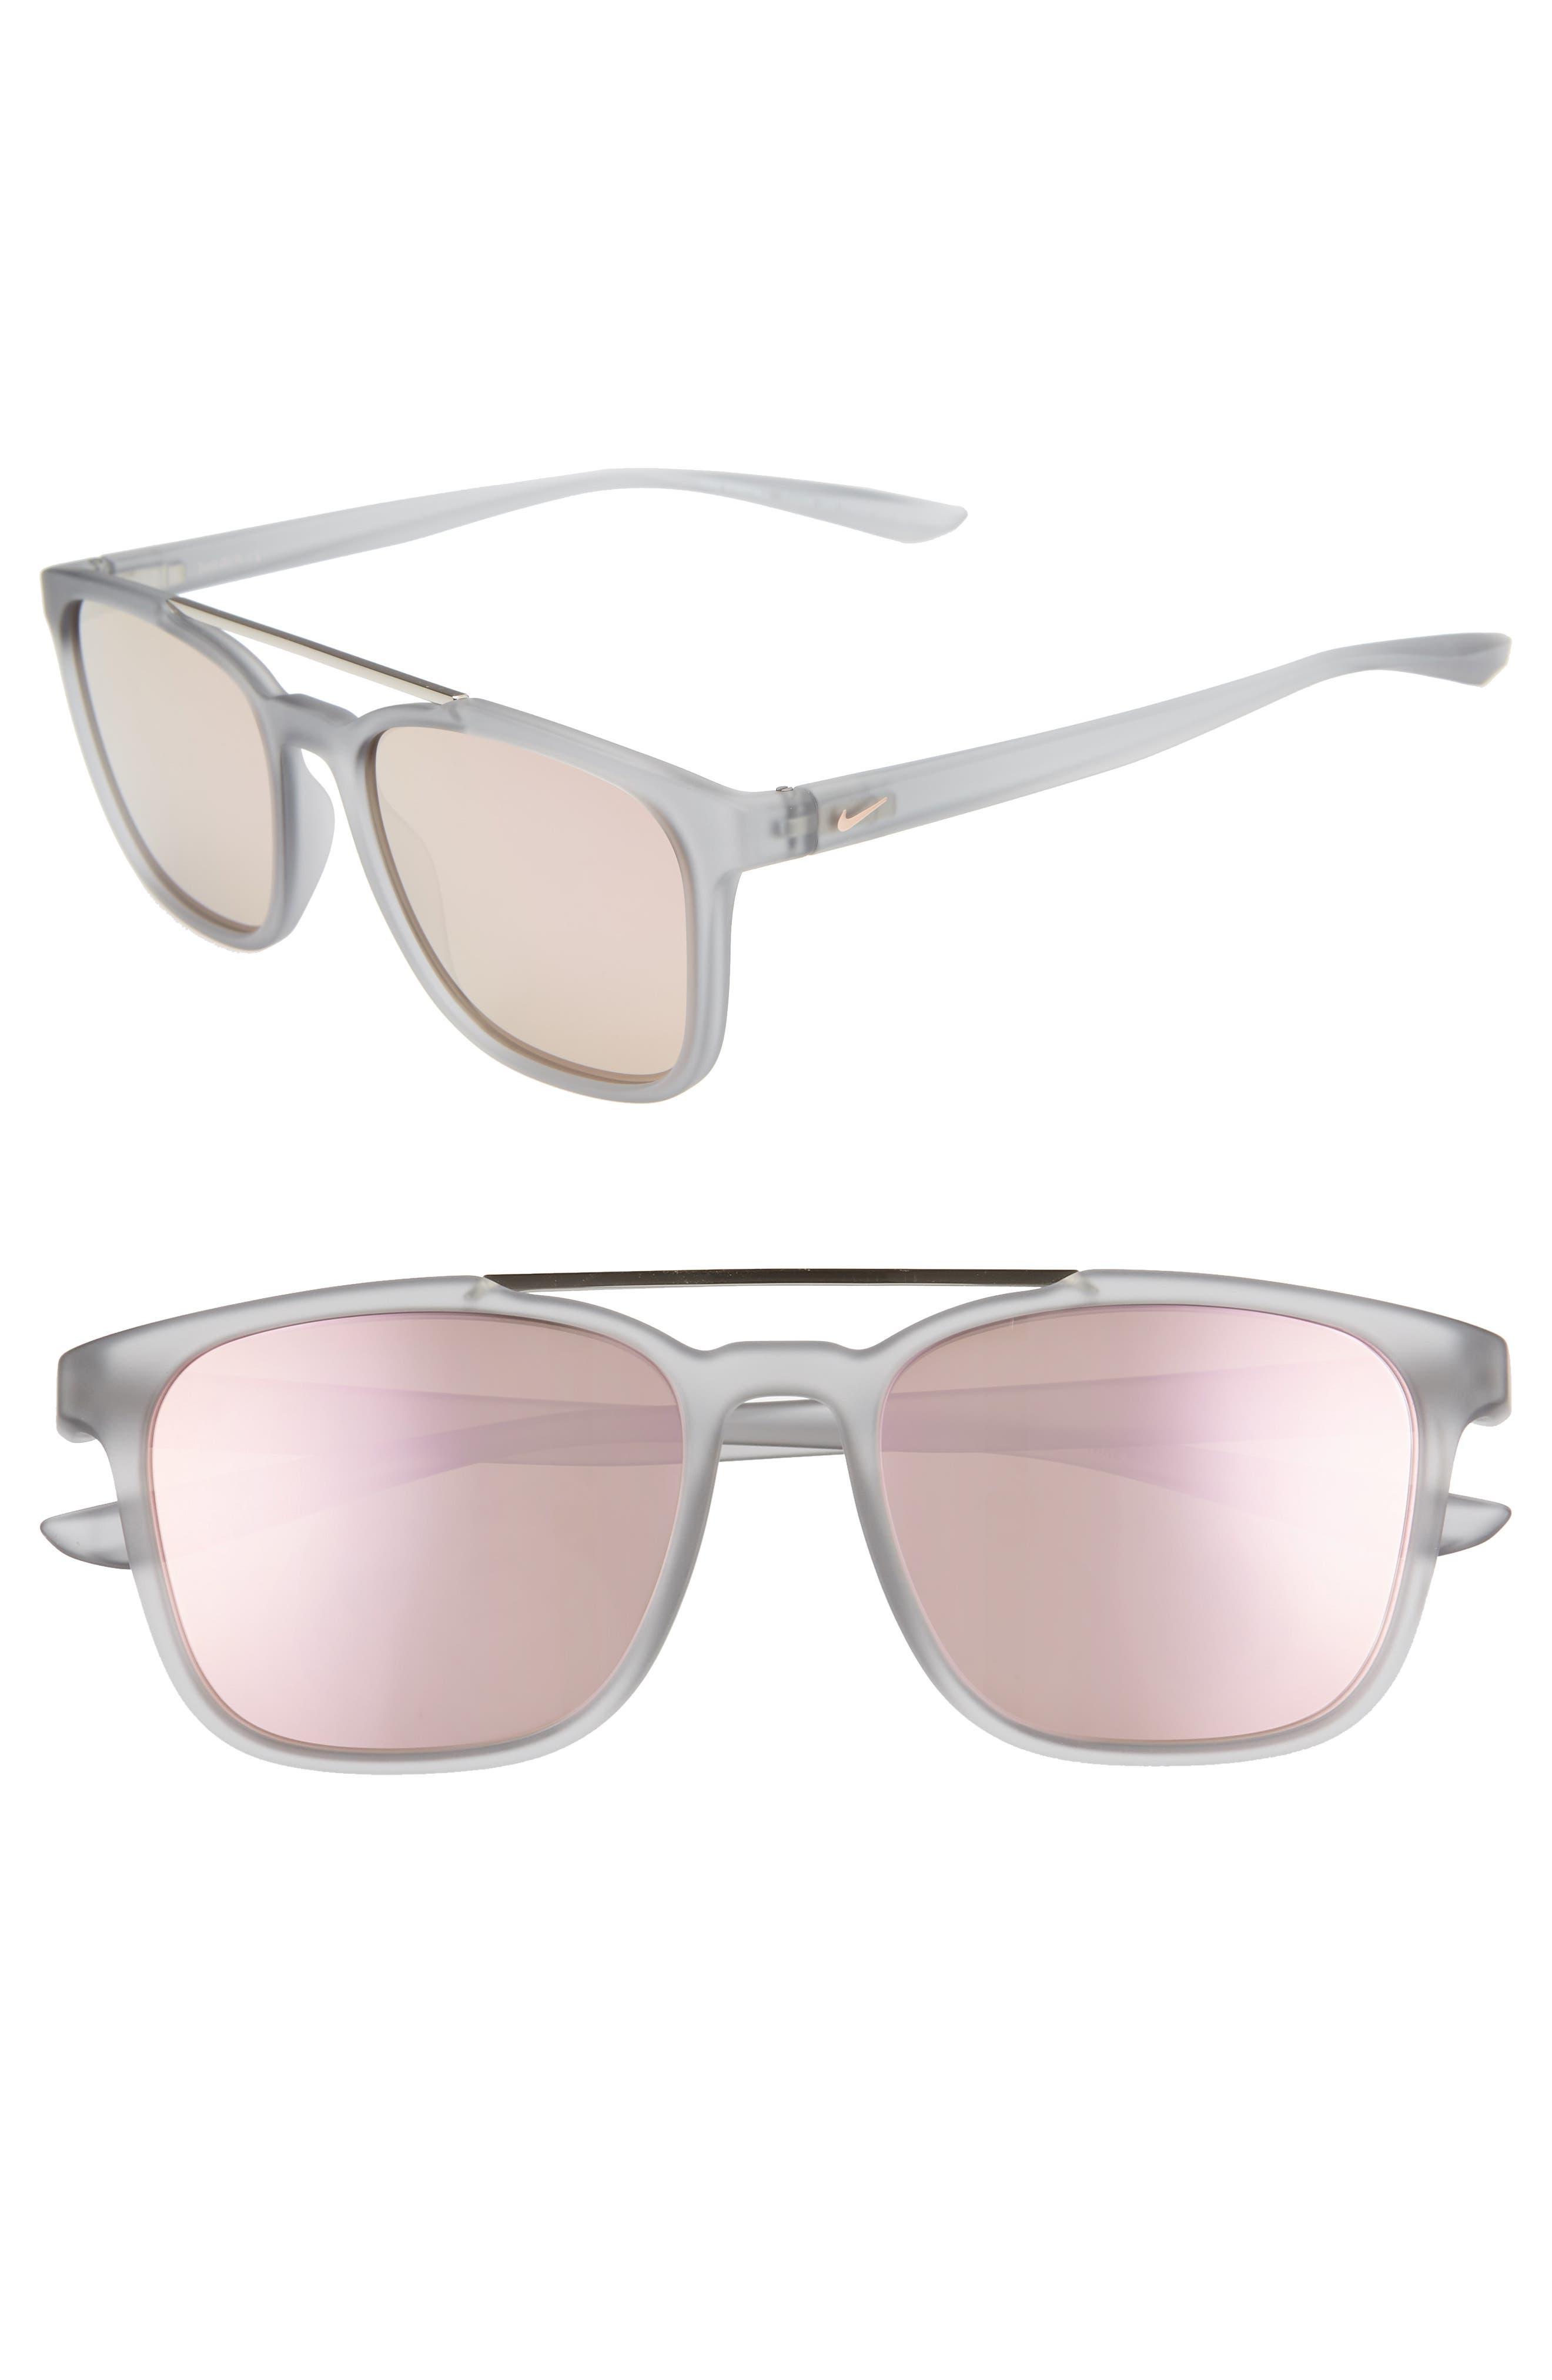 Nike Windfall 5m Square Sunglasses - Matte Wolf Grey/ Pink